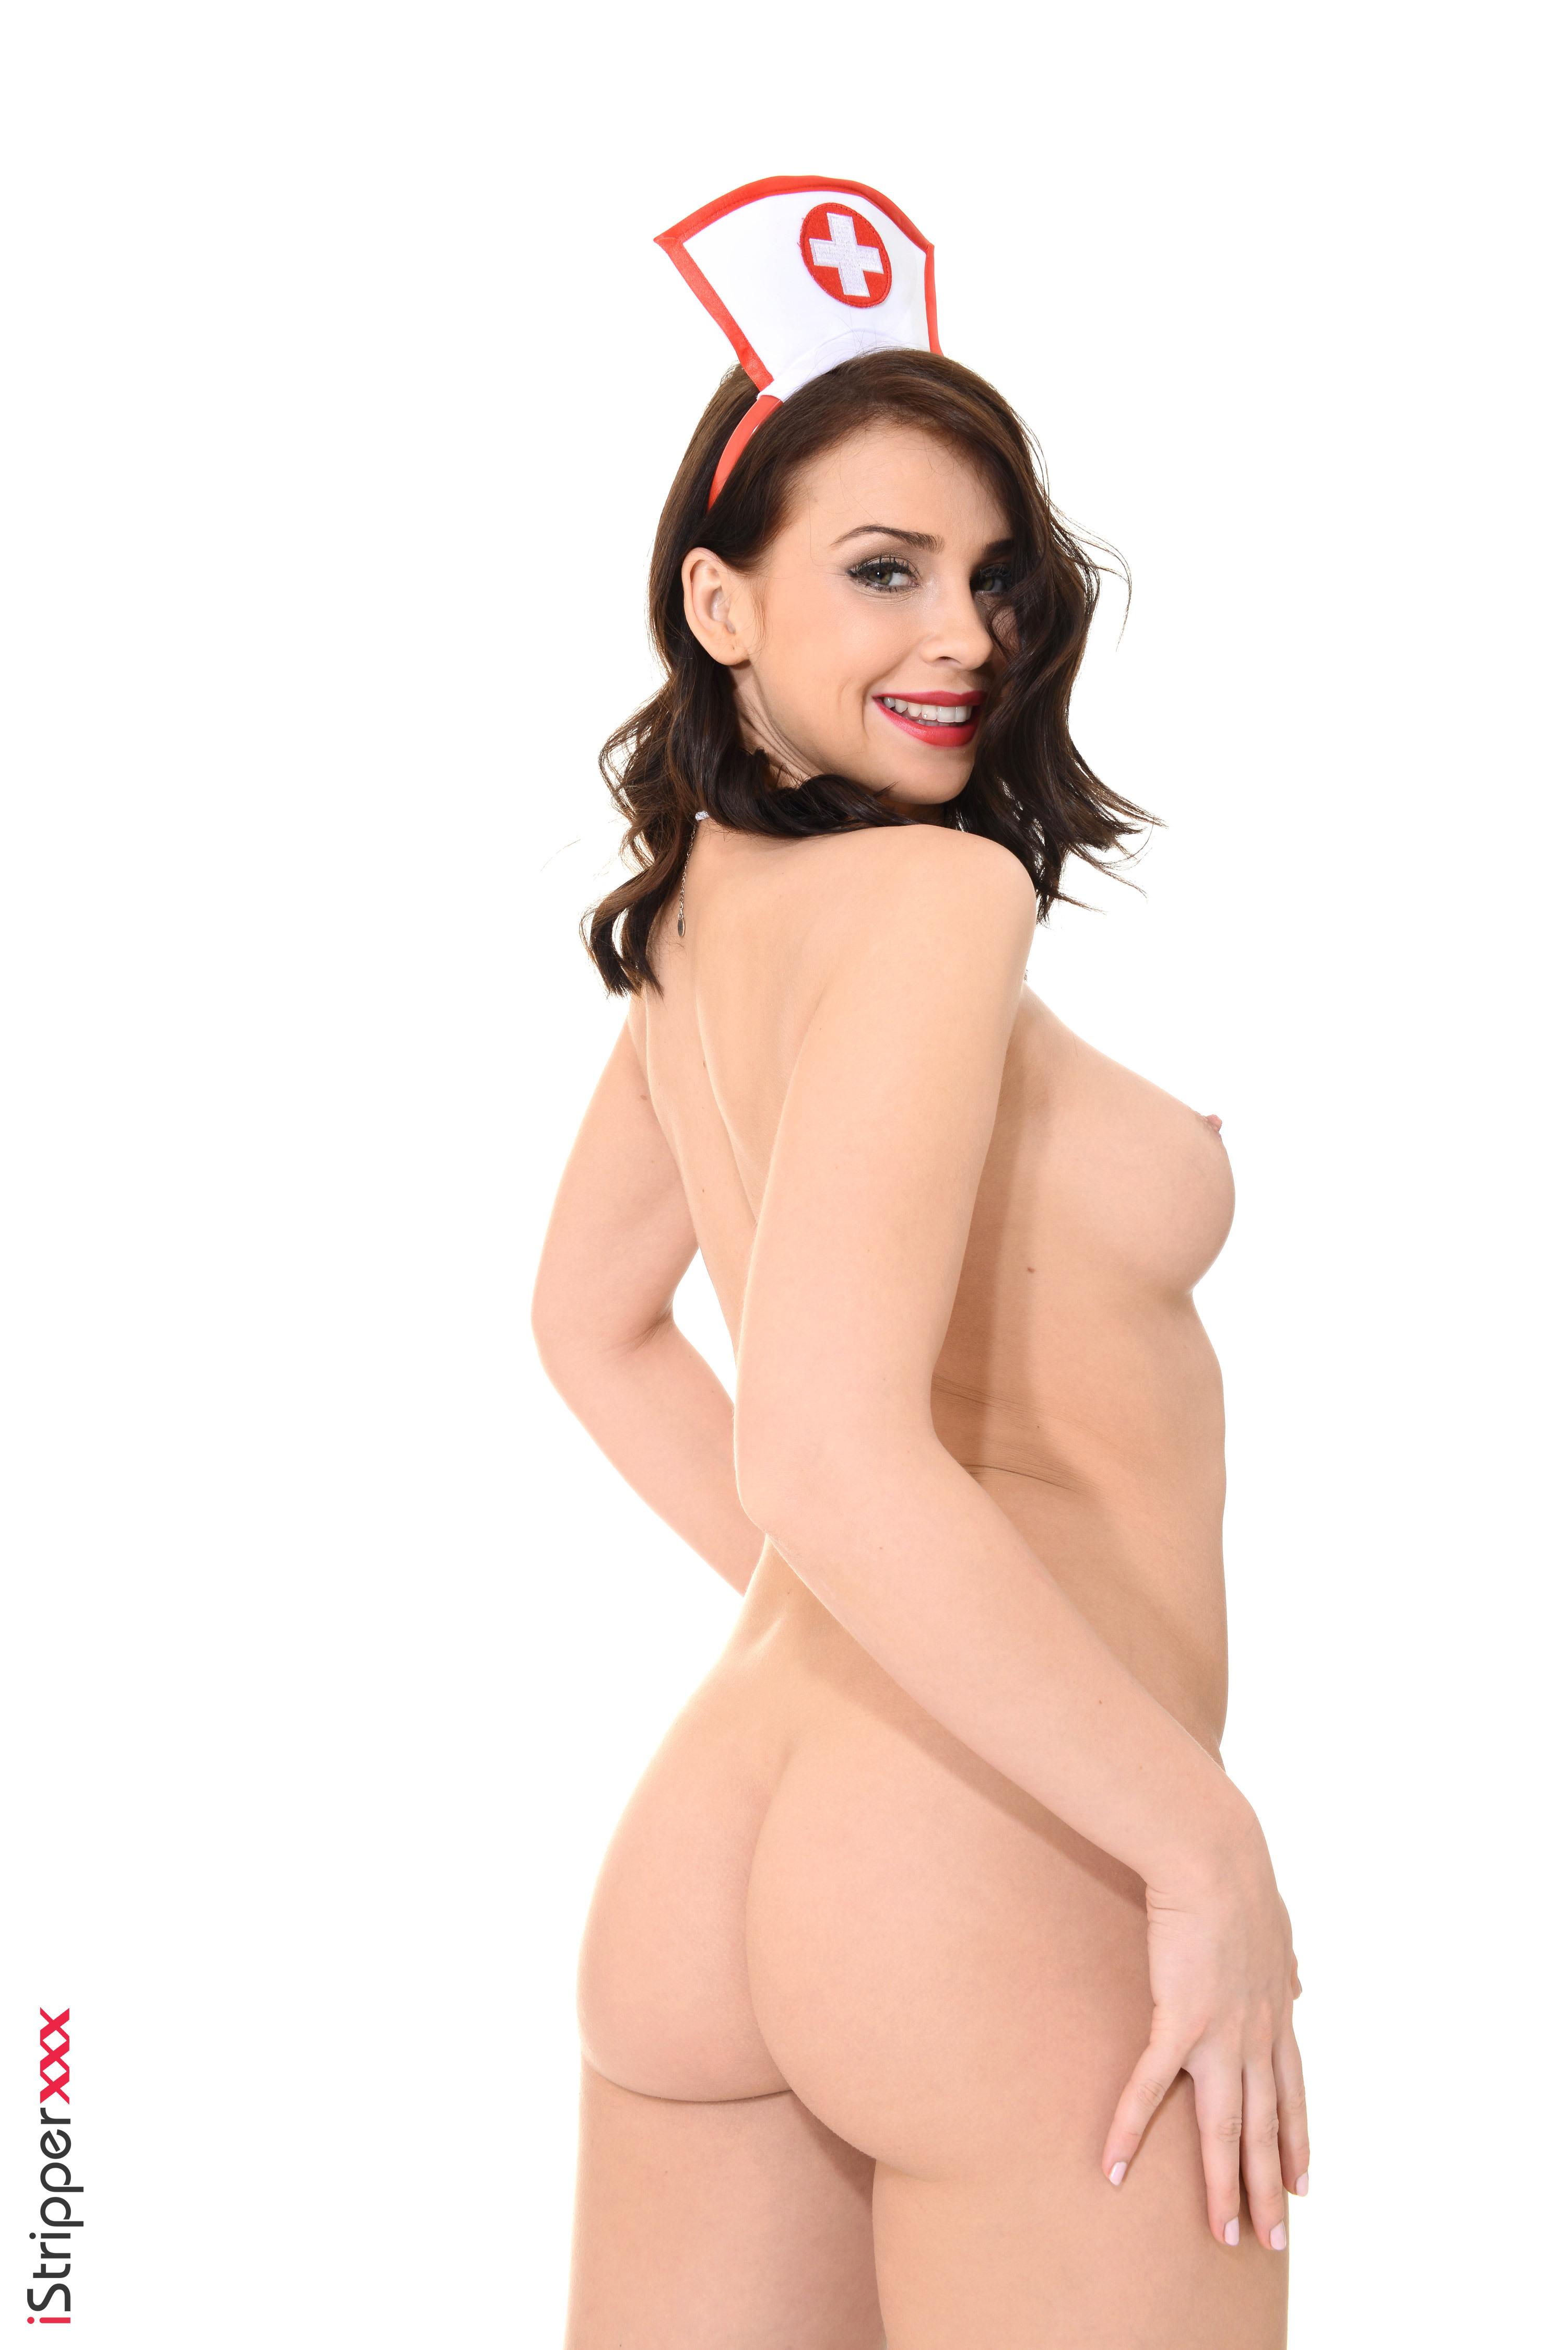 hot naked girls wallpaper